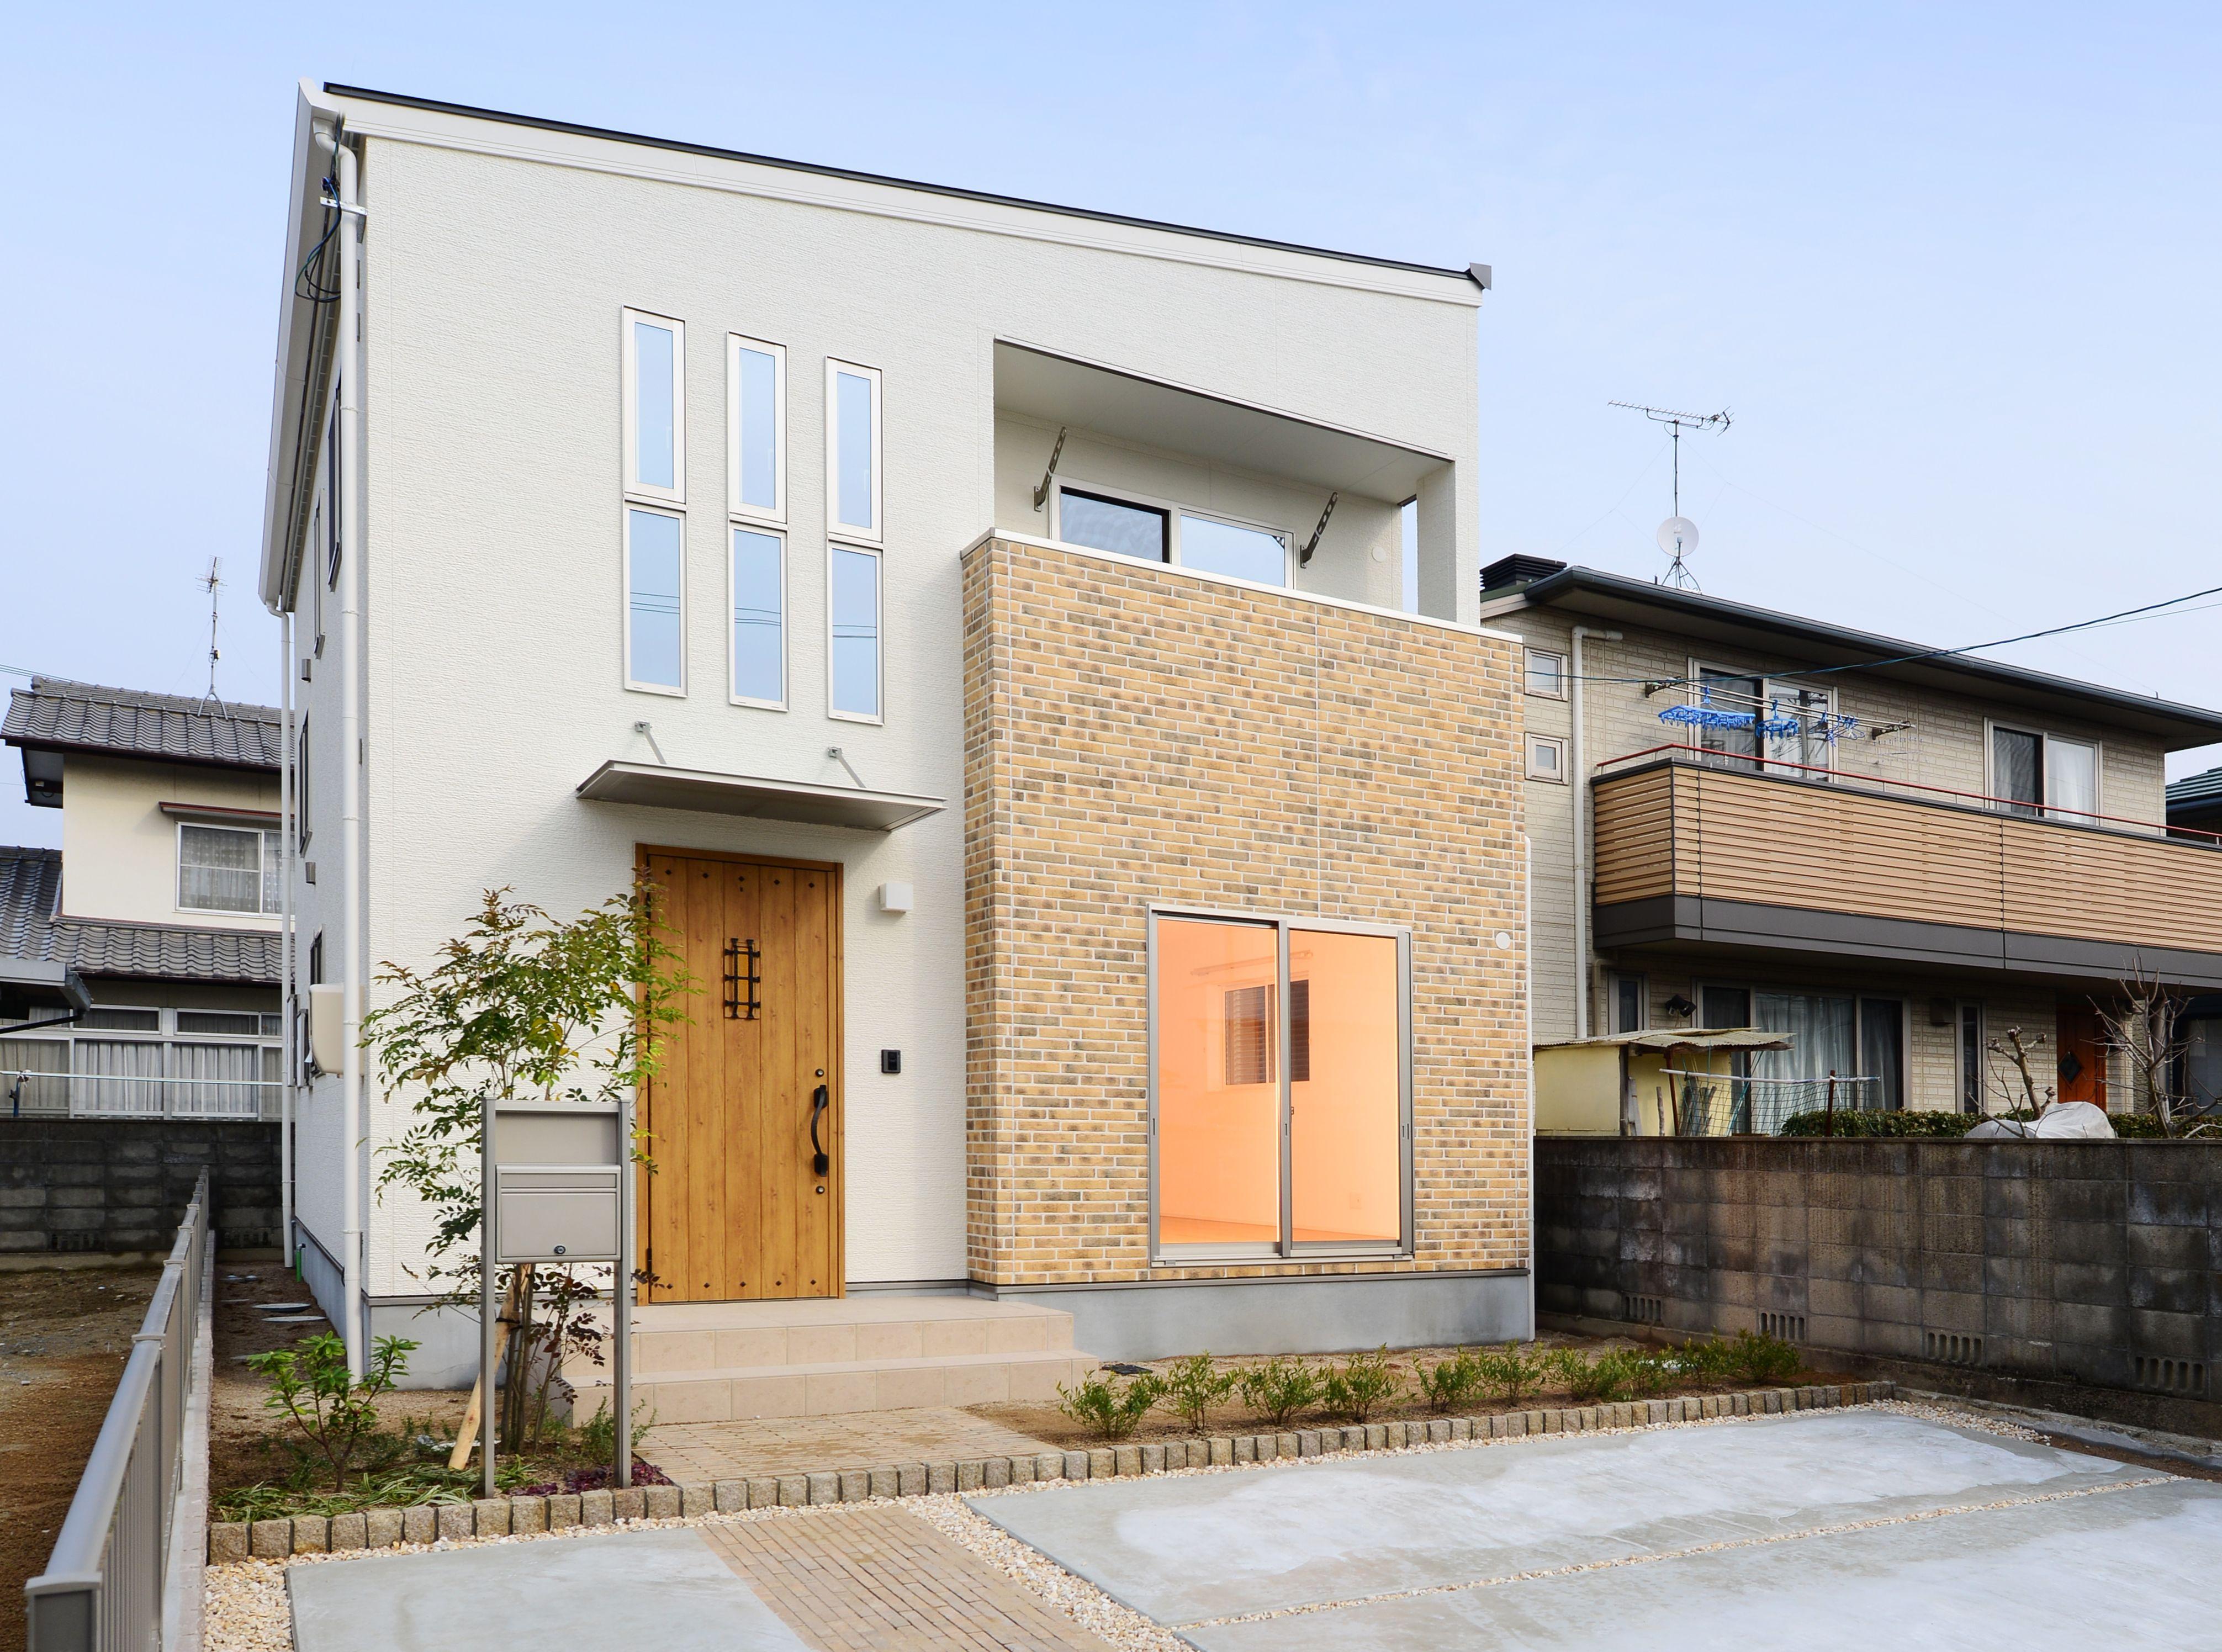 レンガ調の外壁がアクセントとなったかわいらしい印象のお家です